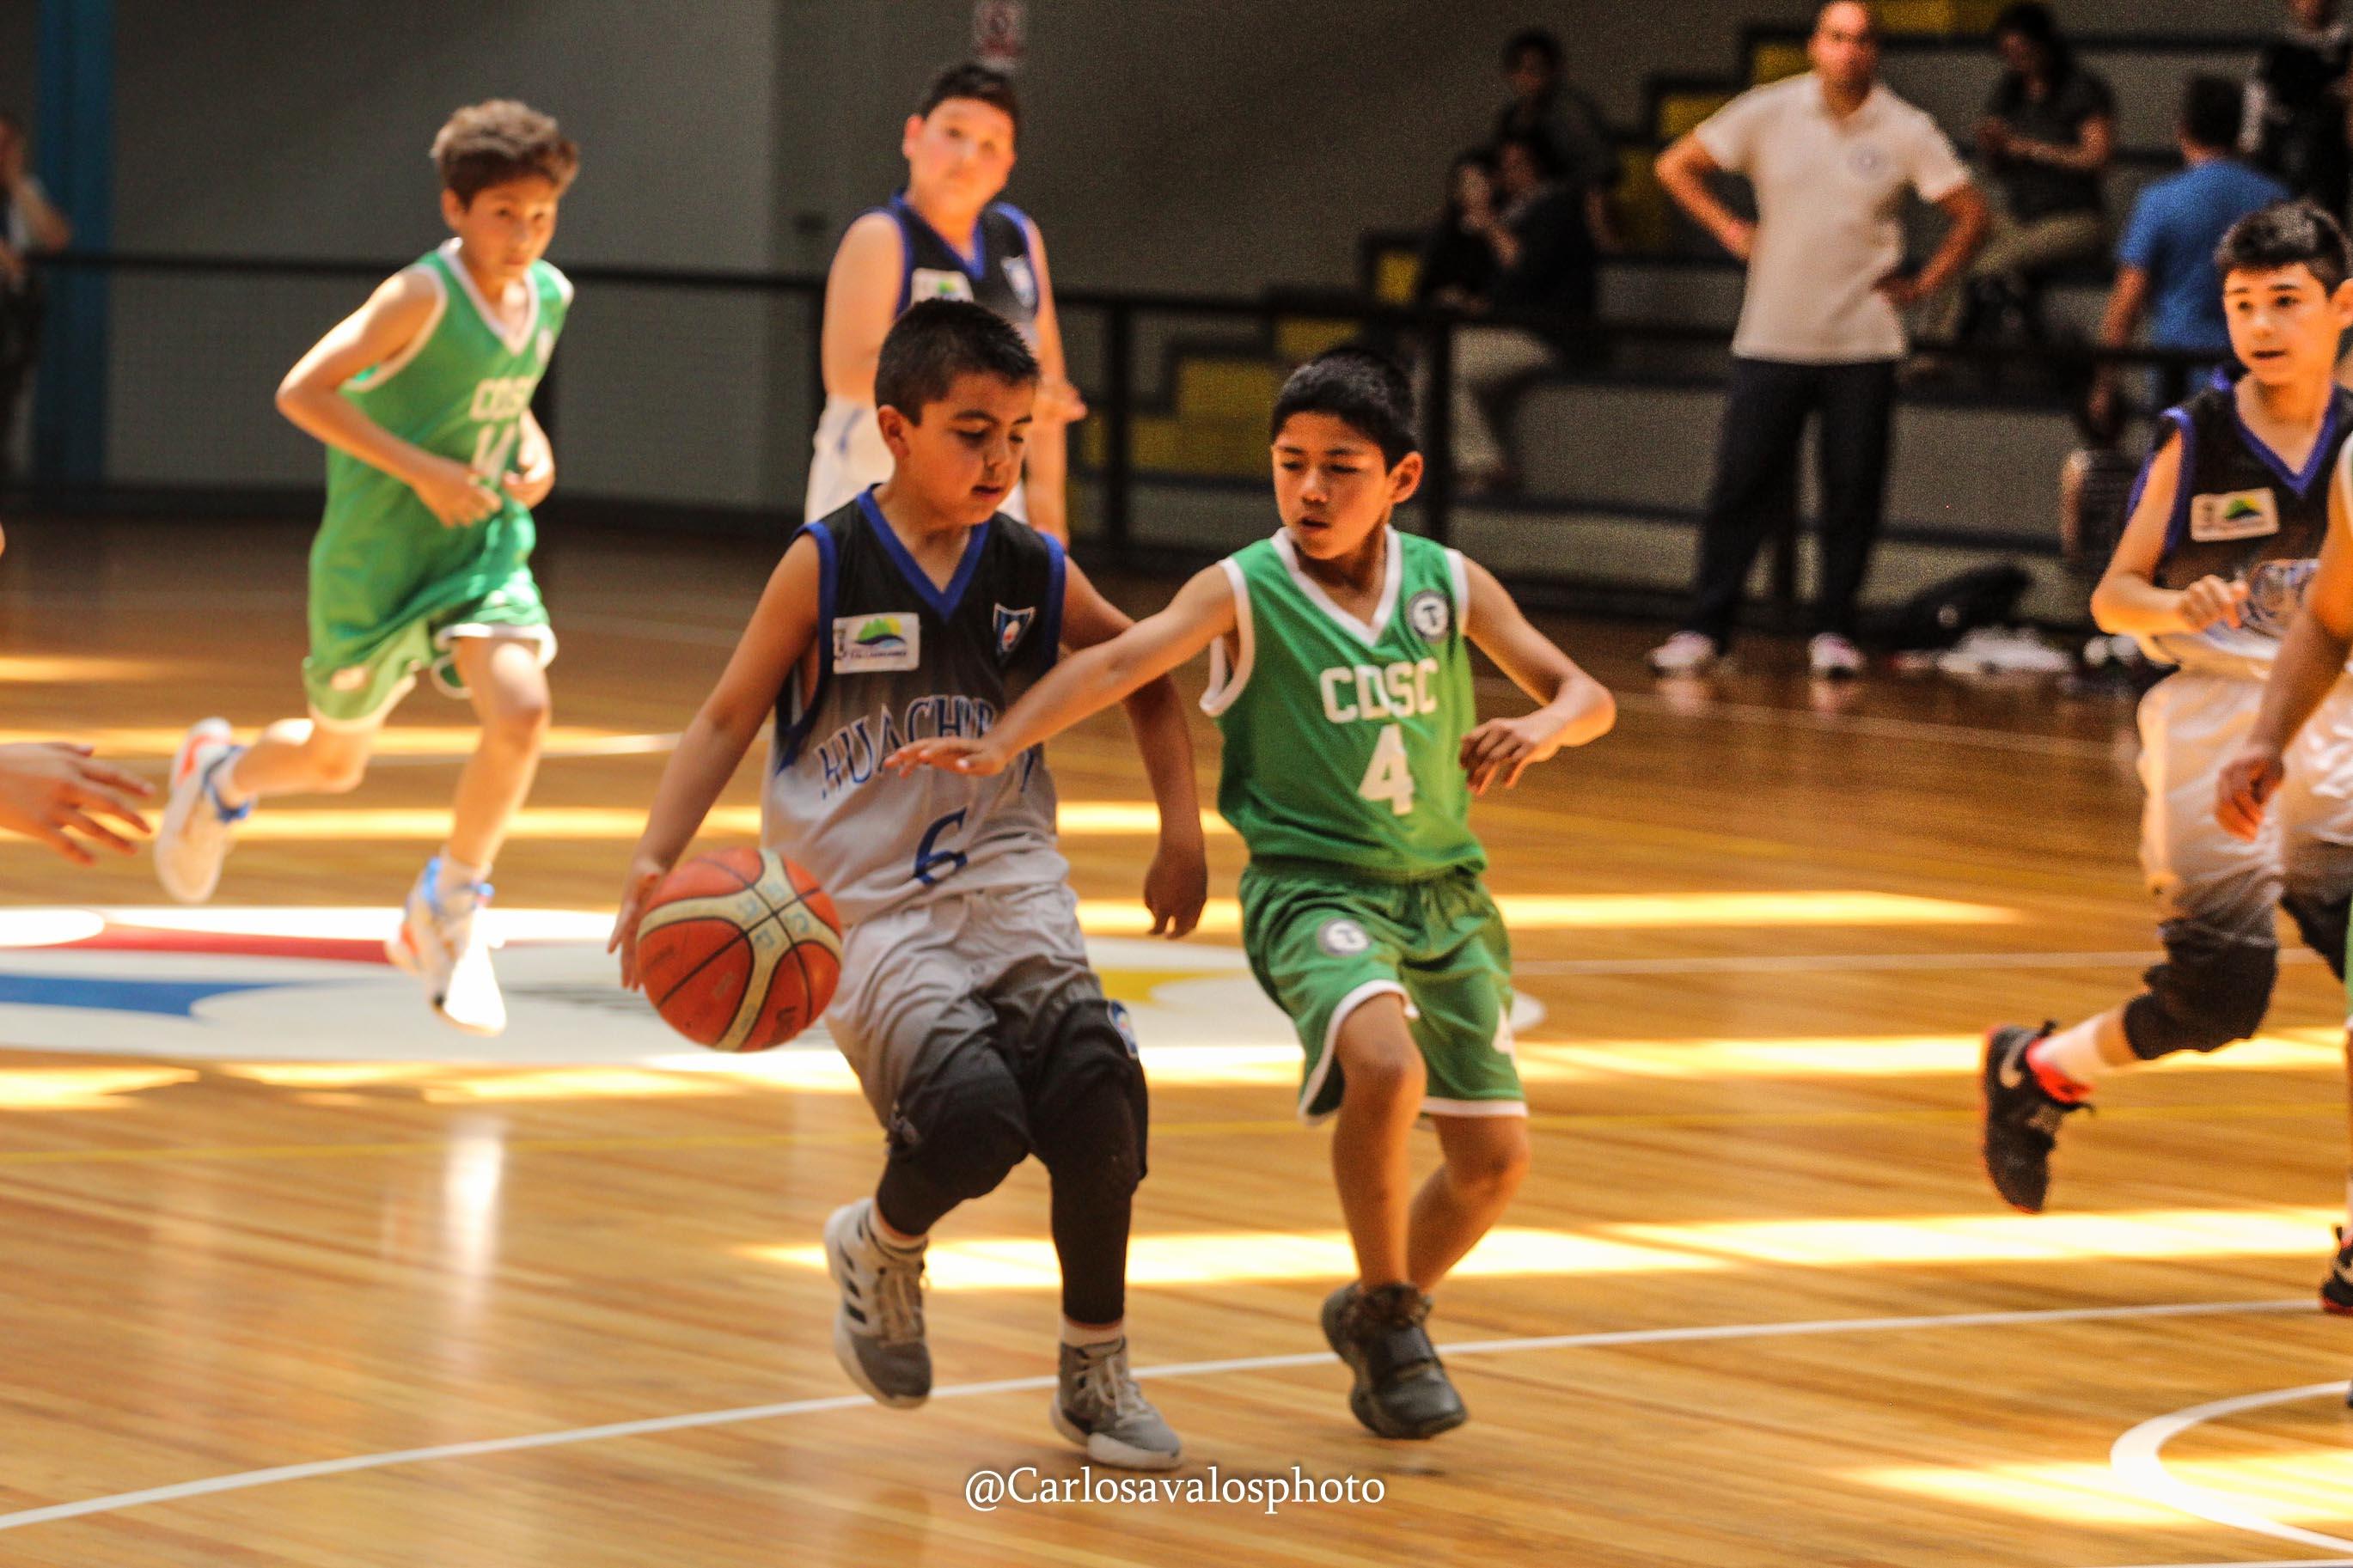 Liga Bío Bío de basquetbol Torneo de Clausura